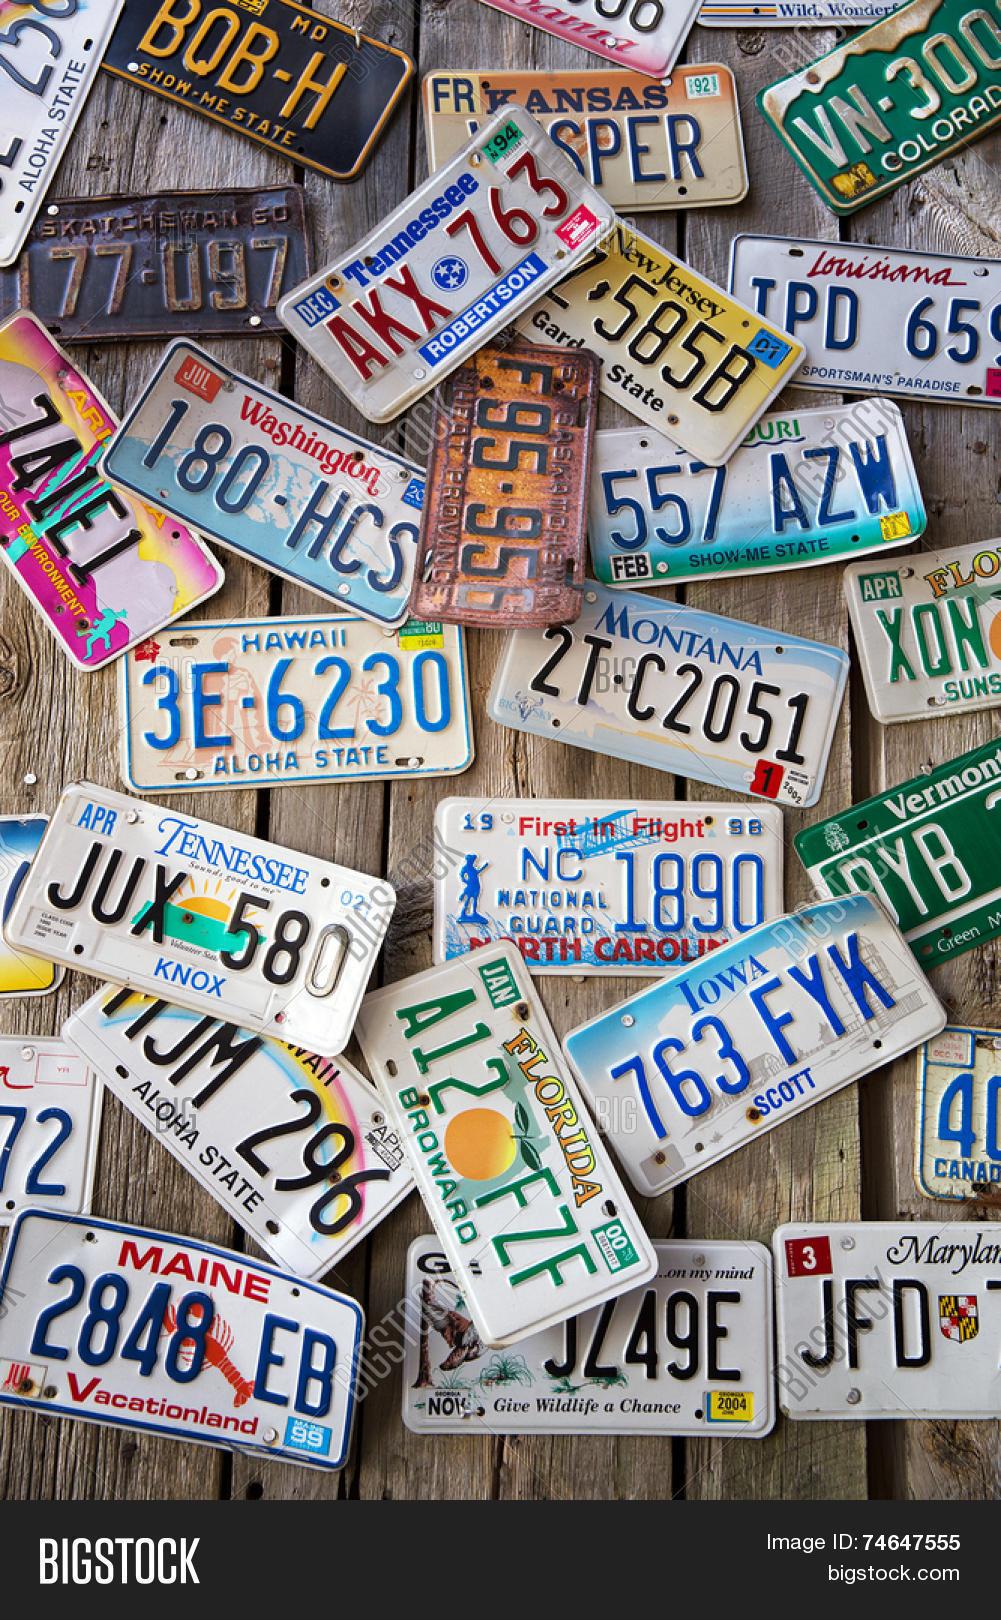 Bike number plate slogans